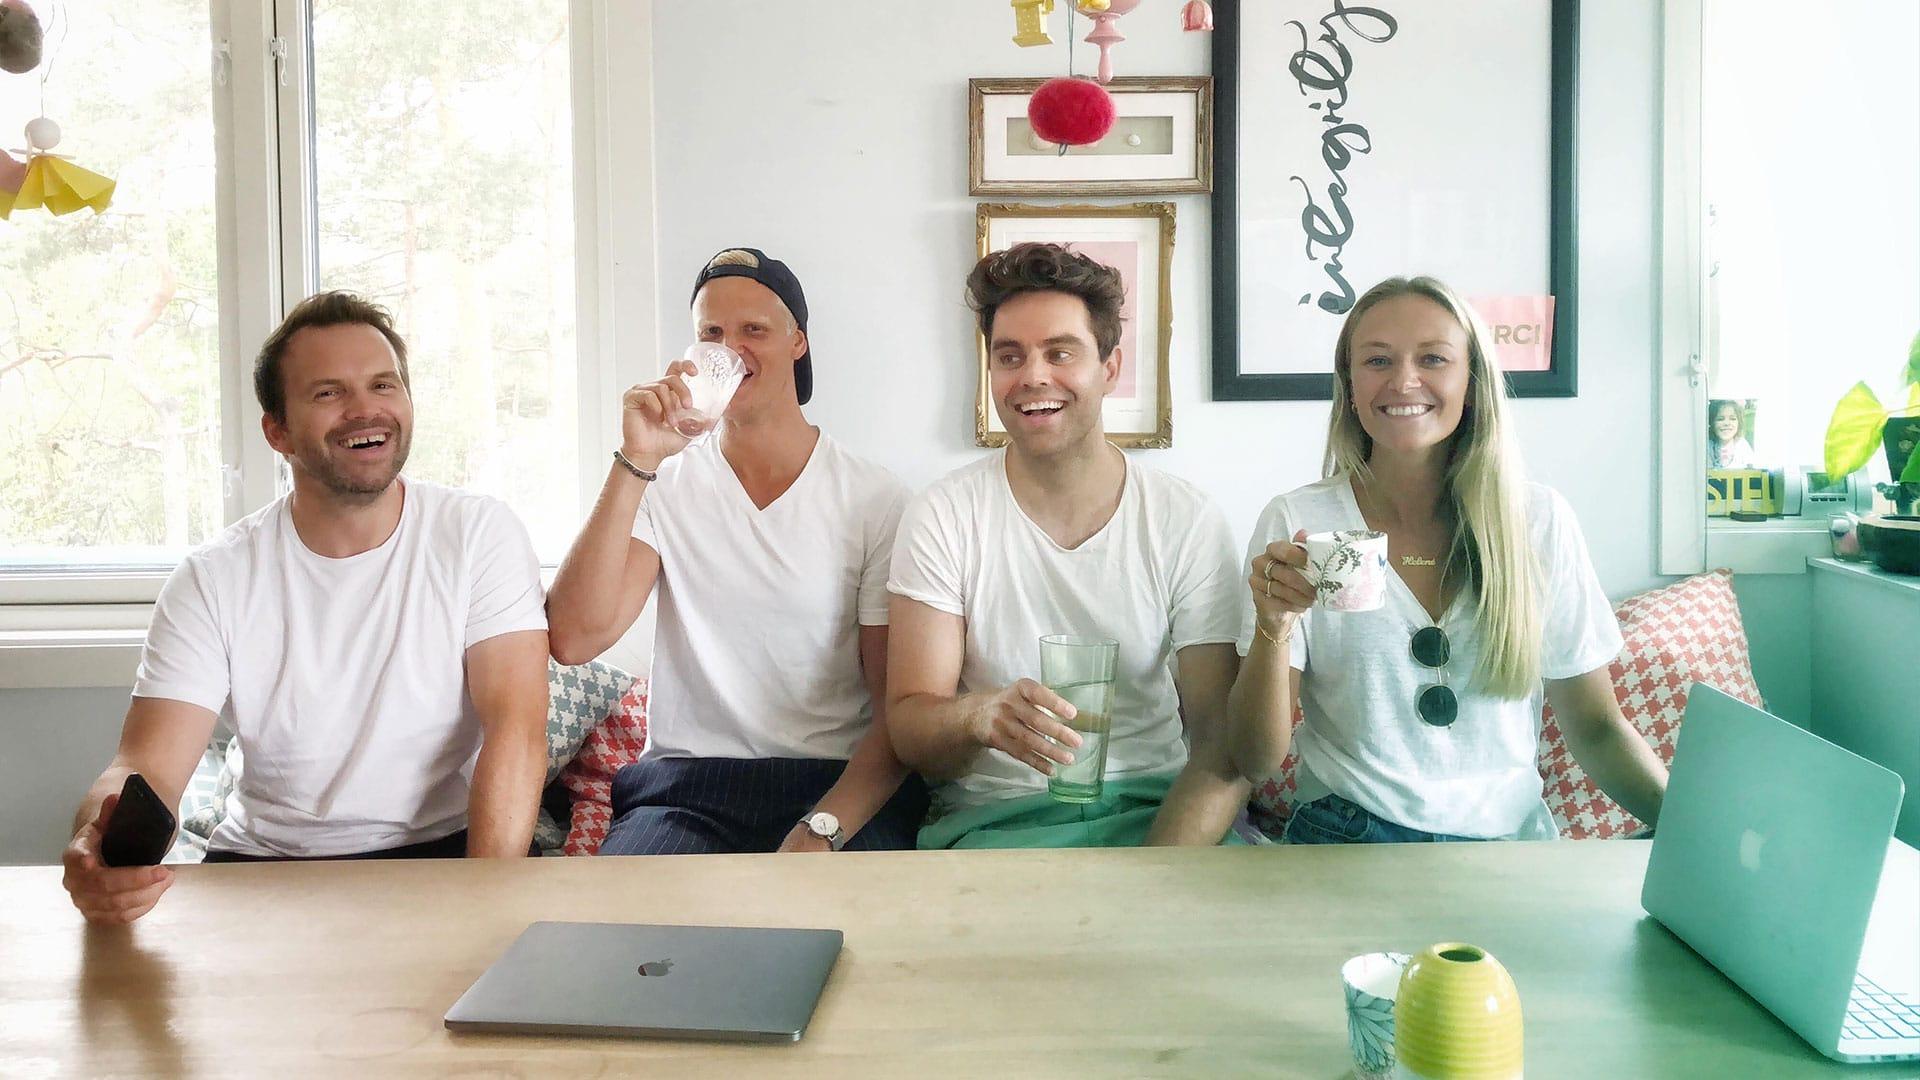 Fire unge voksene smiler sammen i et fargerikt rom